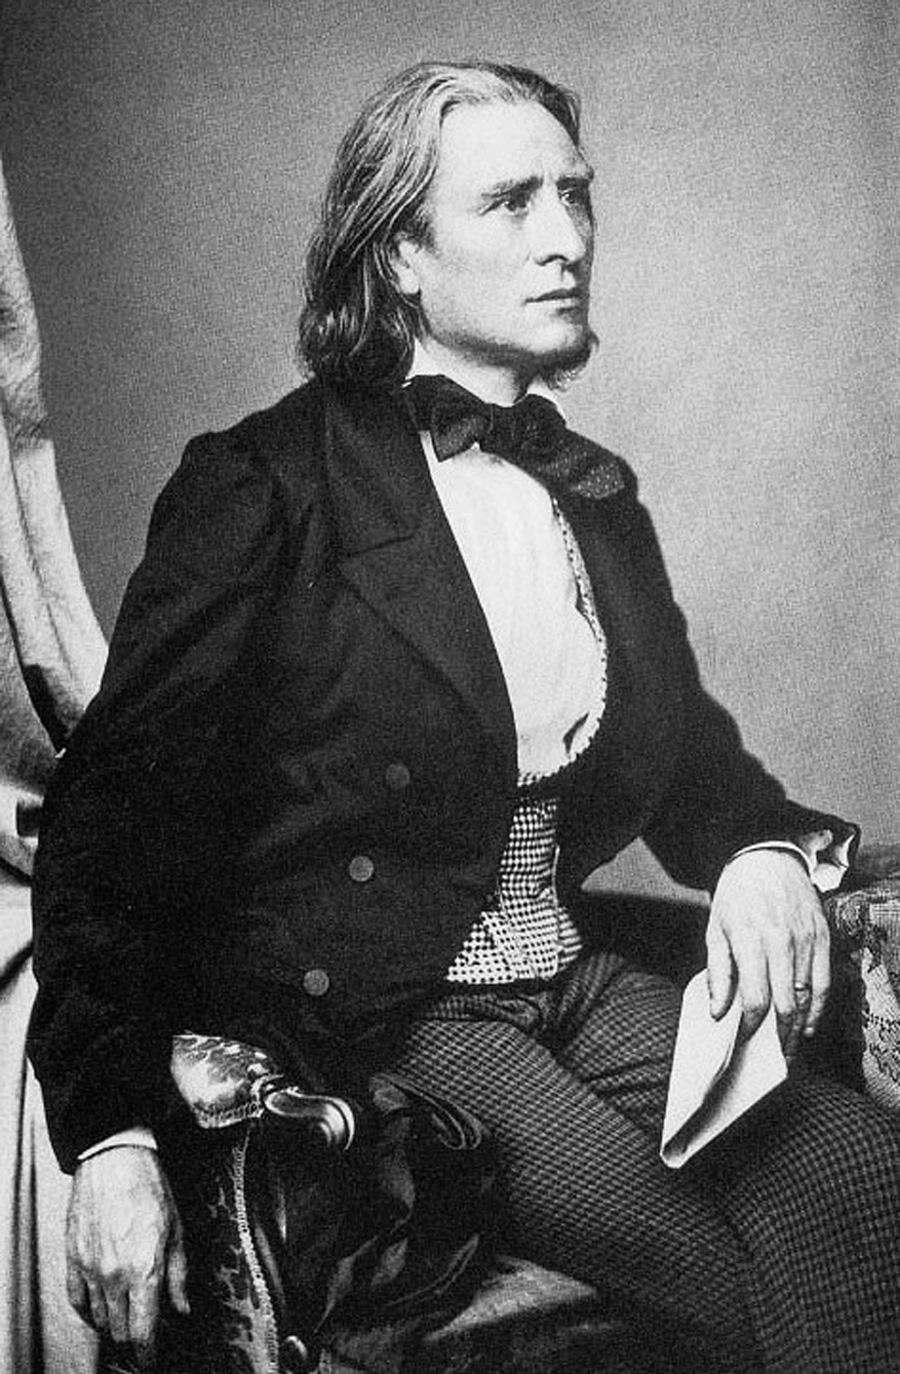 Minoa Chamber Music Festival - Franz Liszt - Années de pèlegrinage deuxième année, Italie S161: Après une lecture du Dante